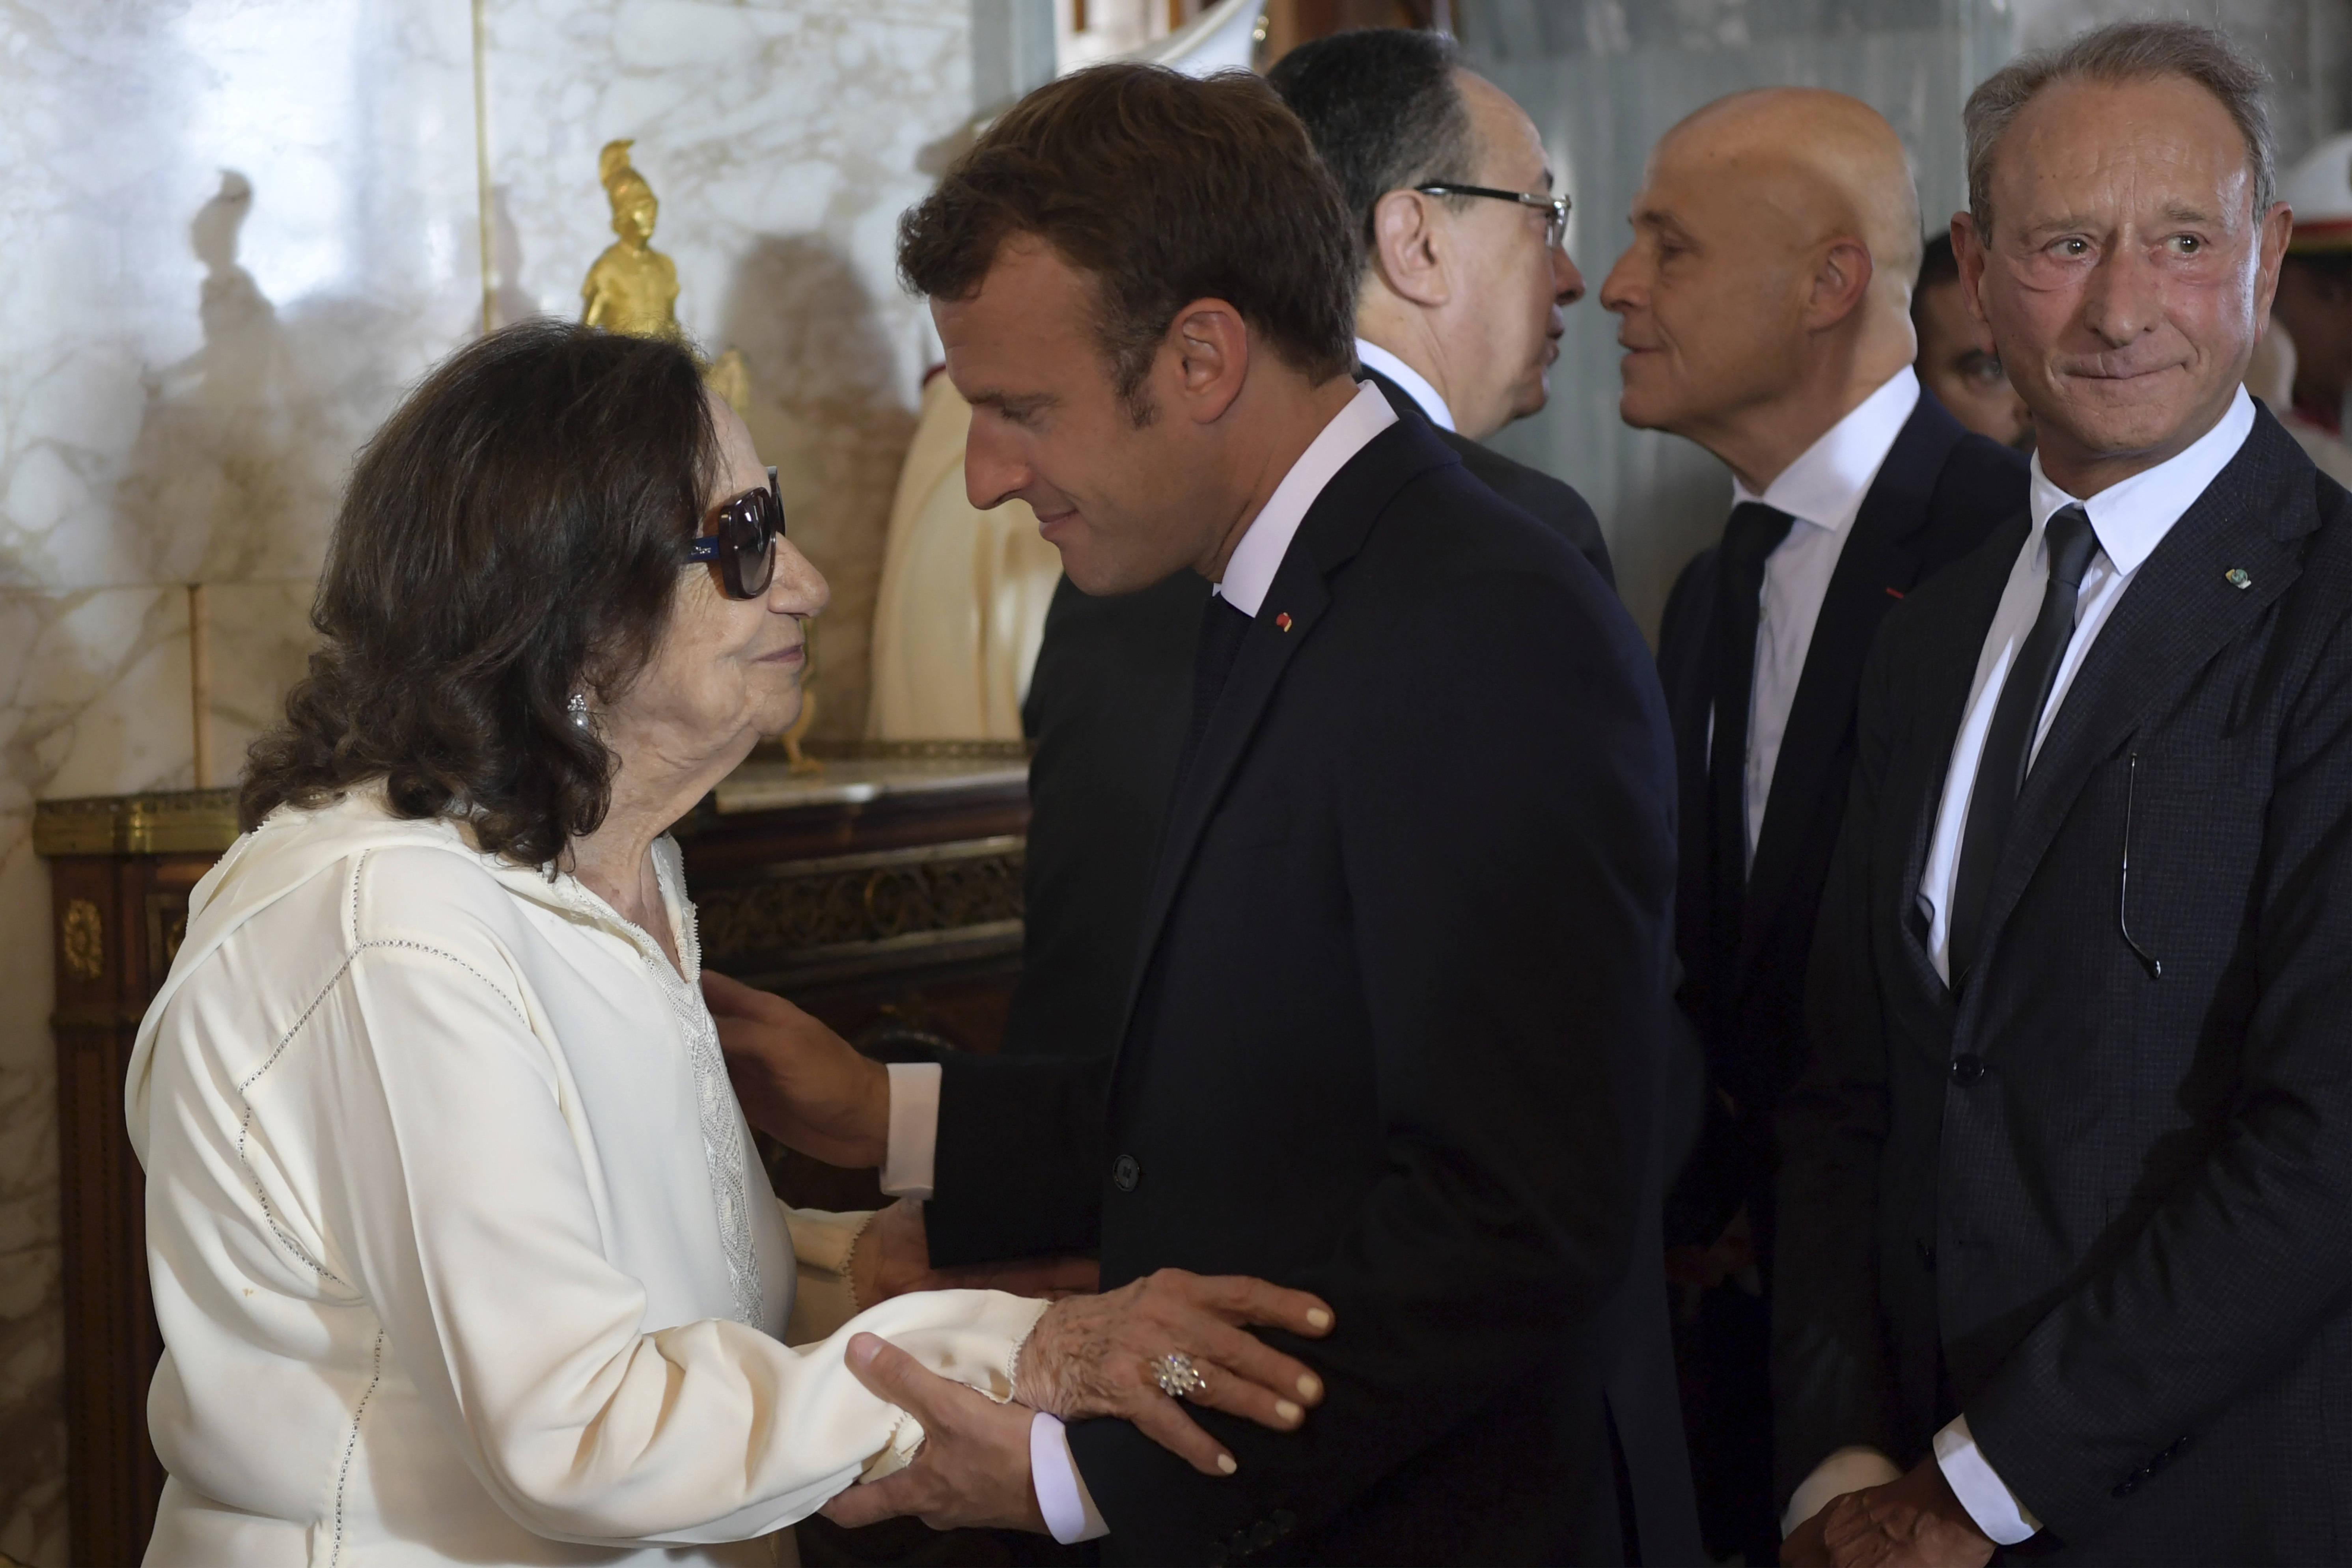 Chadlia Caïd Essebsi recevant les condoléances du président français Emmanuel Macron lors des funérailles officielles de son mari, samedi 27 juillet 2019 à Tunis.